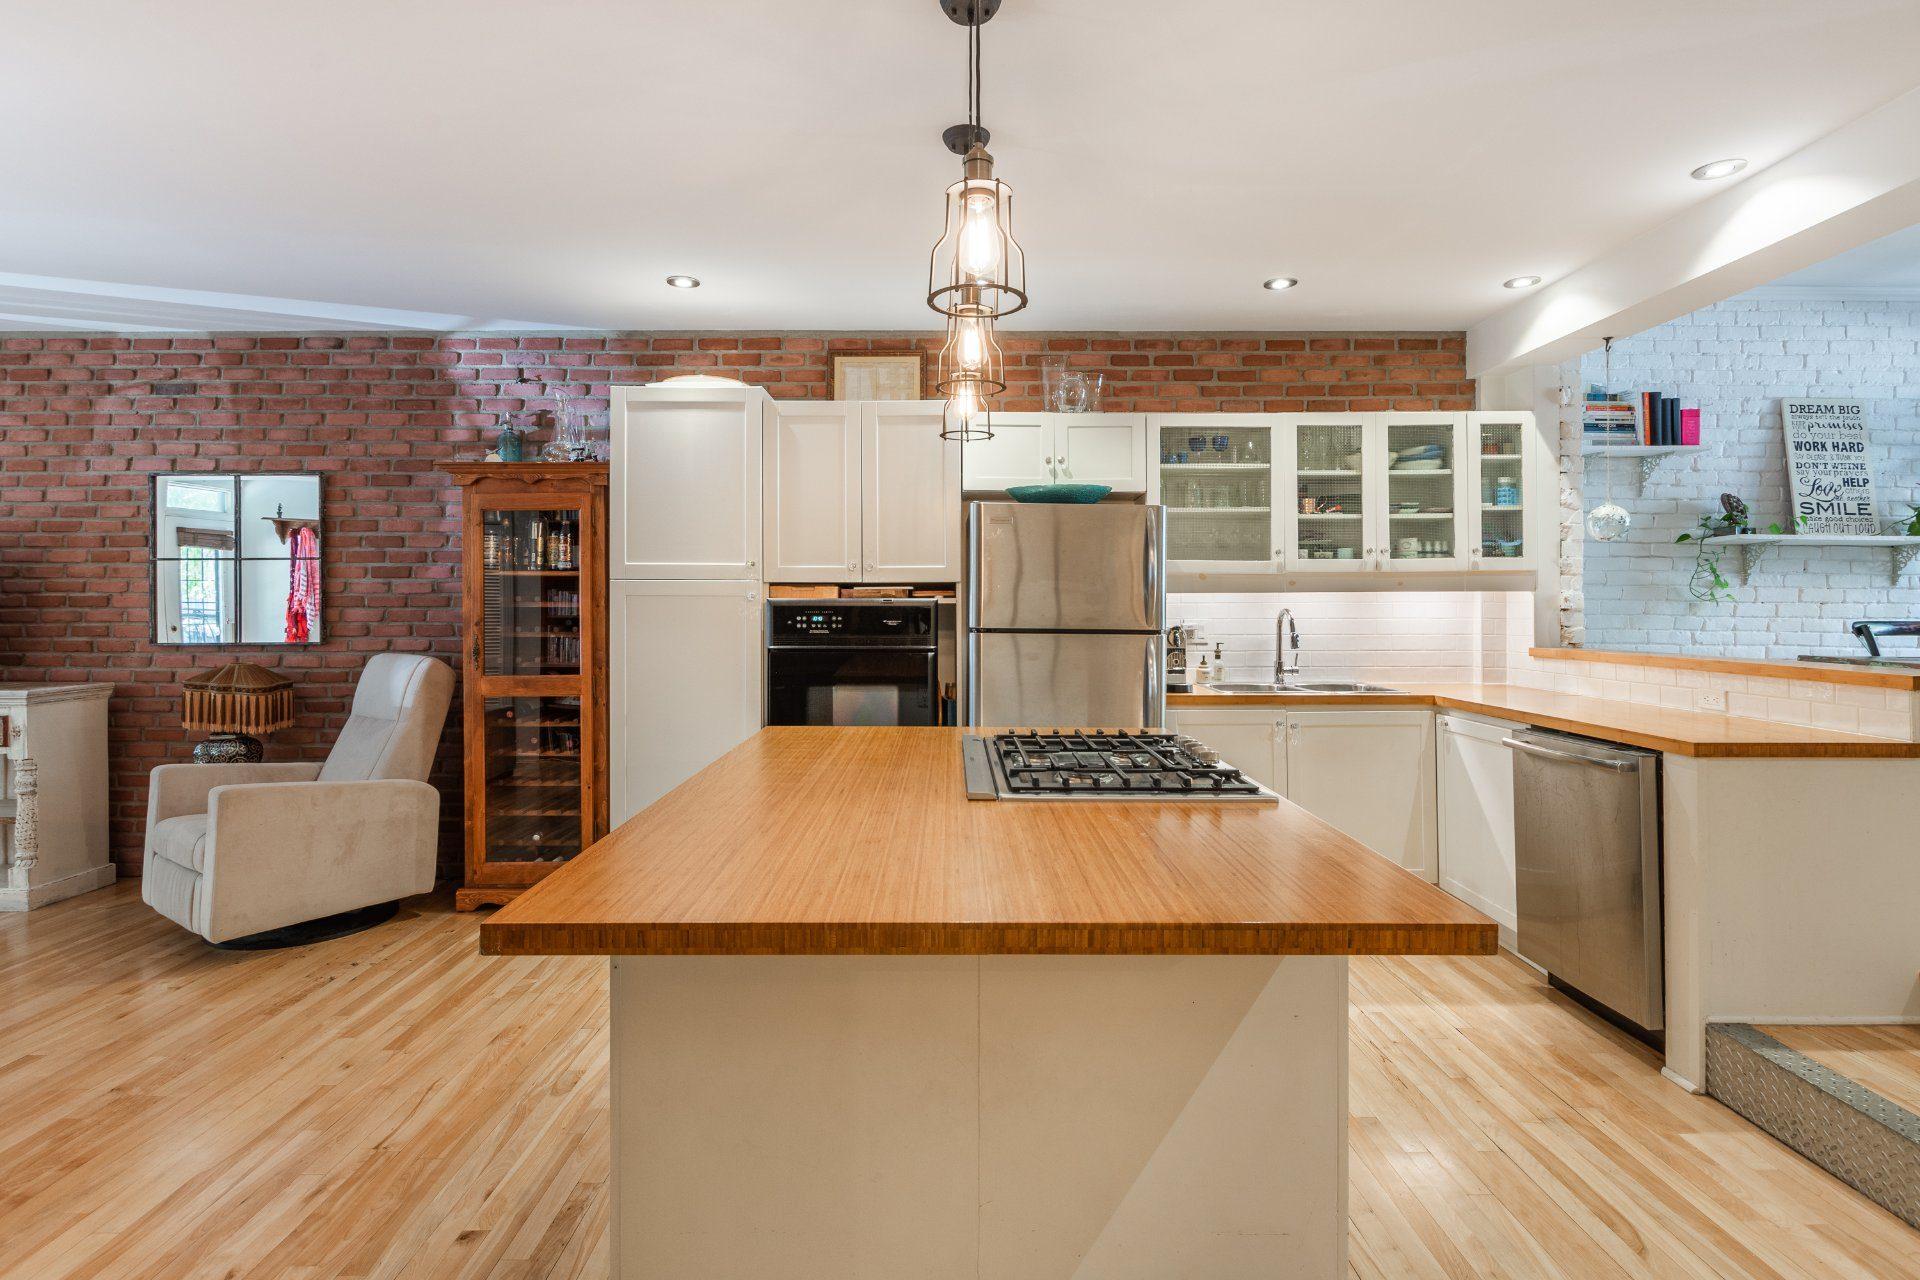 Apartment for sale Le Plateau-Mont-Royal (Montréal) Quebec ...